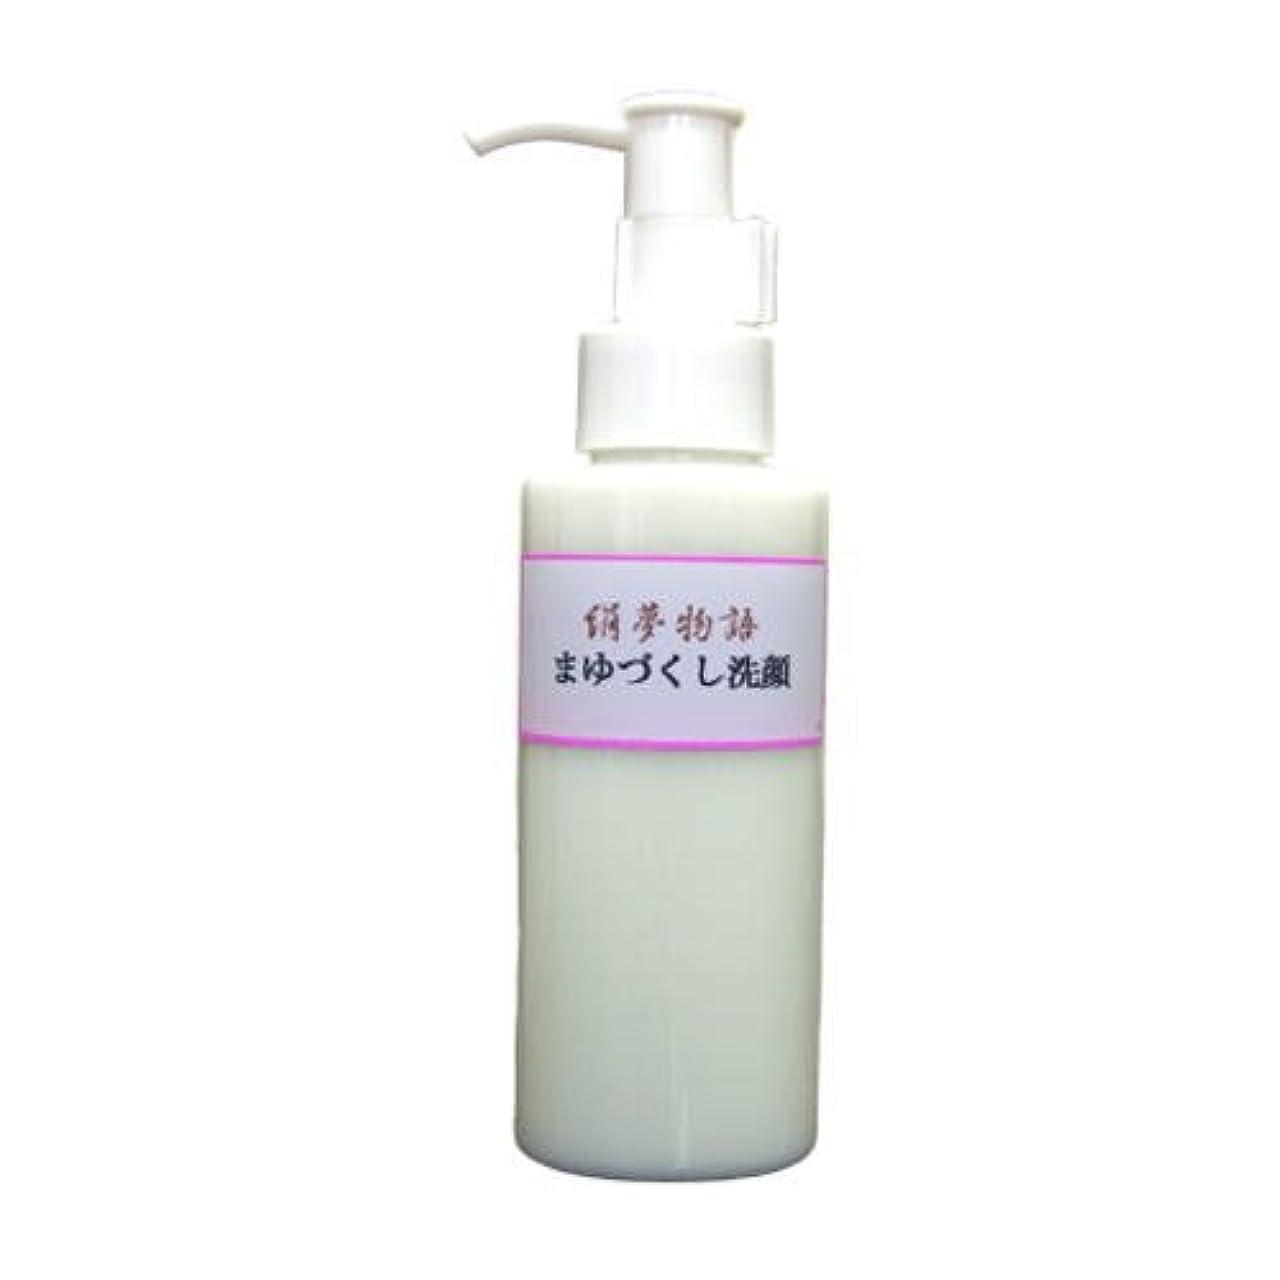 トリプル病気の研磨剤絹夢物語まゆづくし洗顔(100ml)